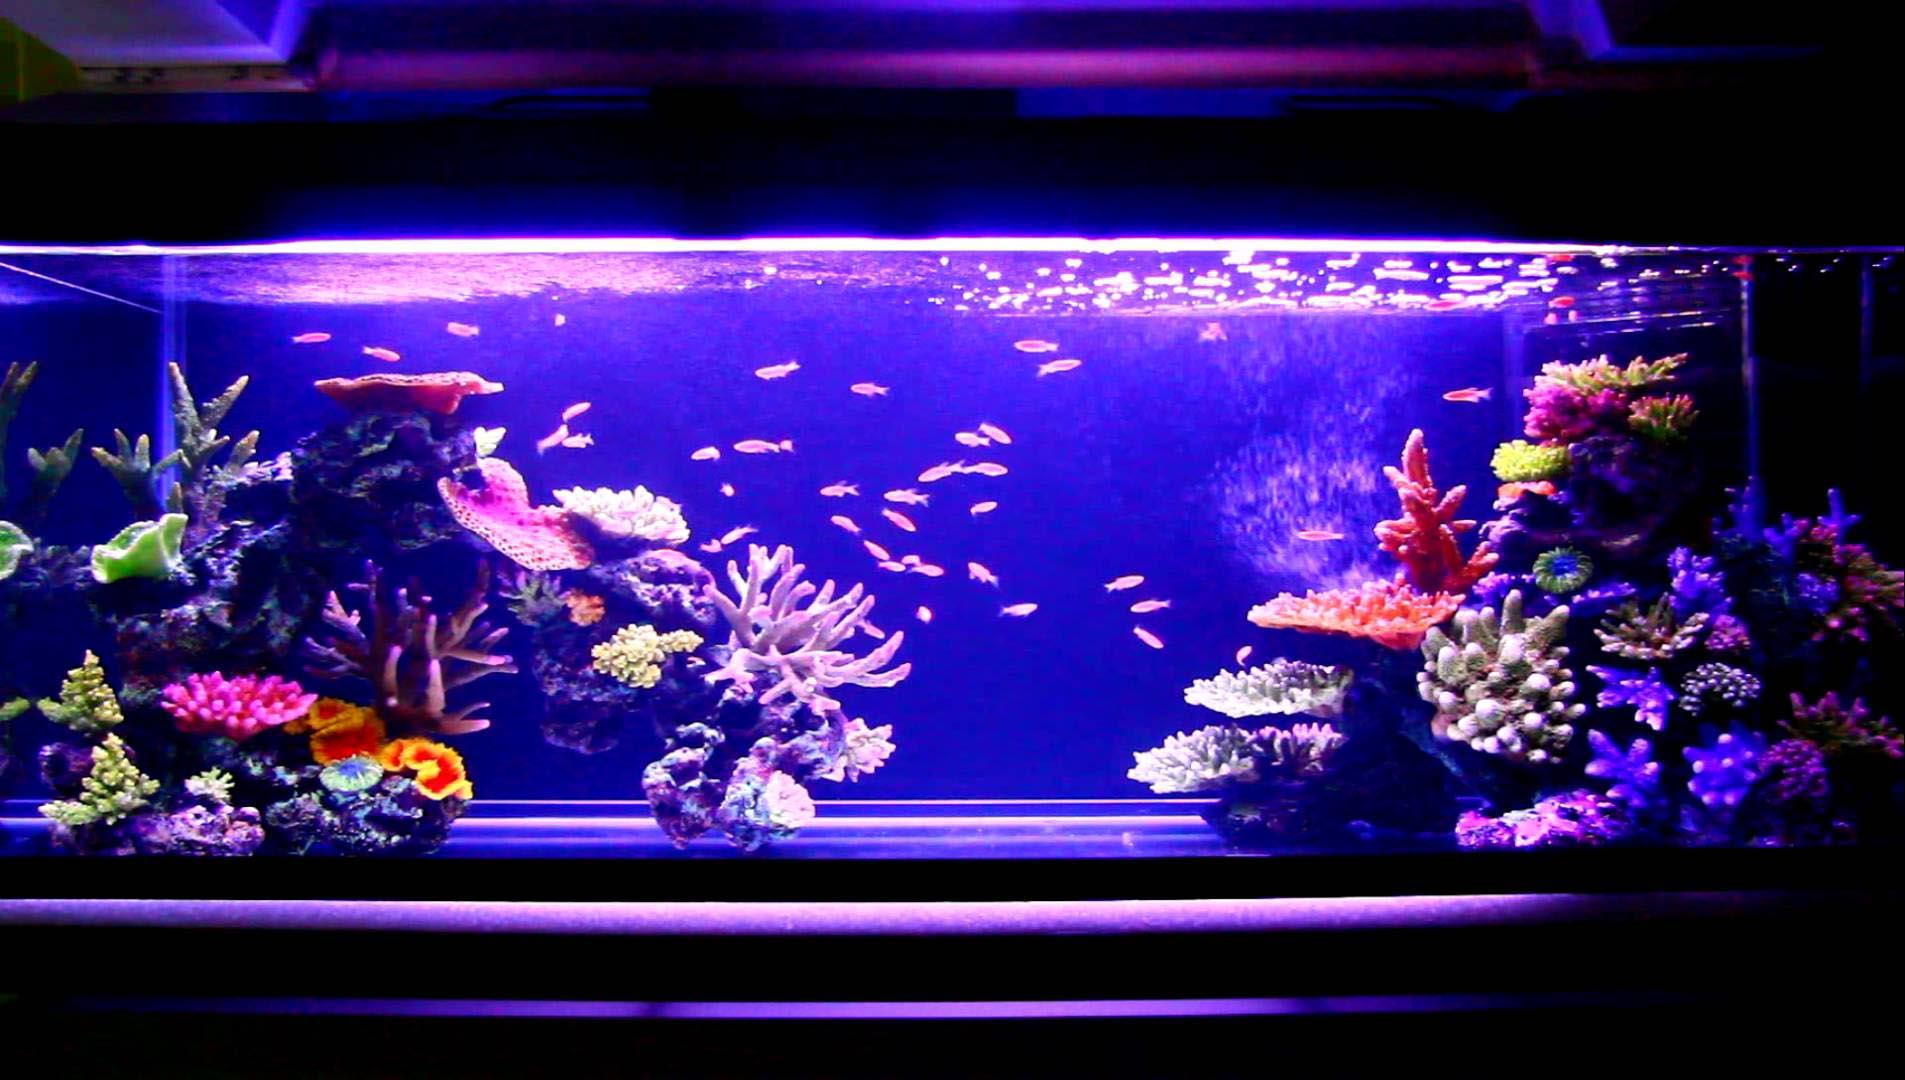 Aquarium Artificial Coral Reef Aquarium Design Ideas